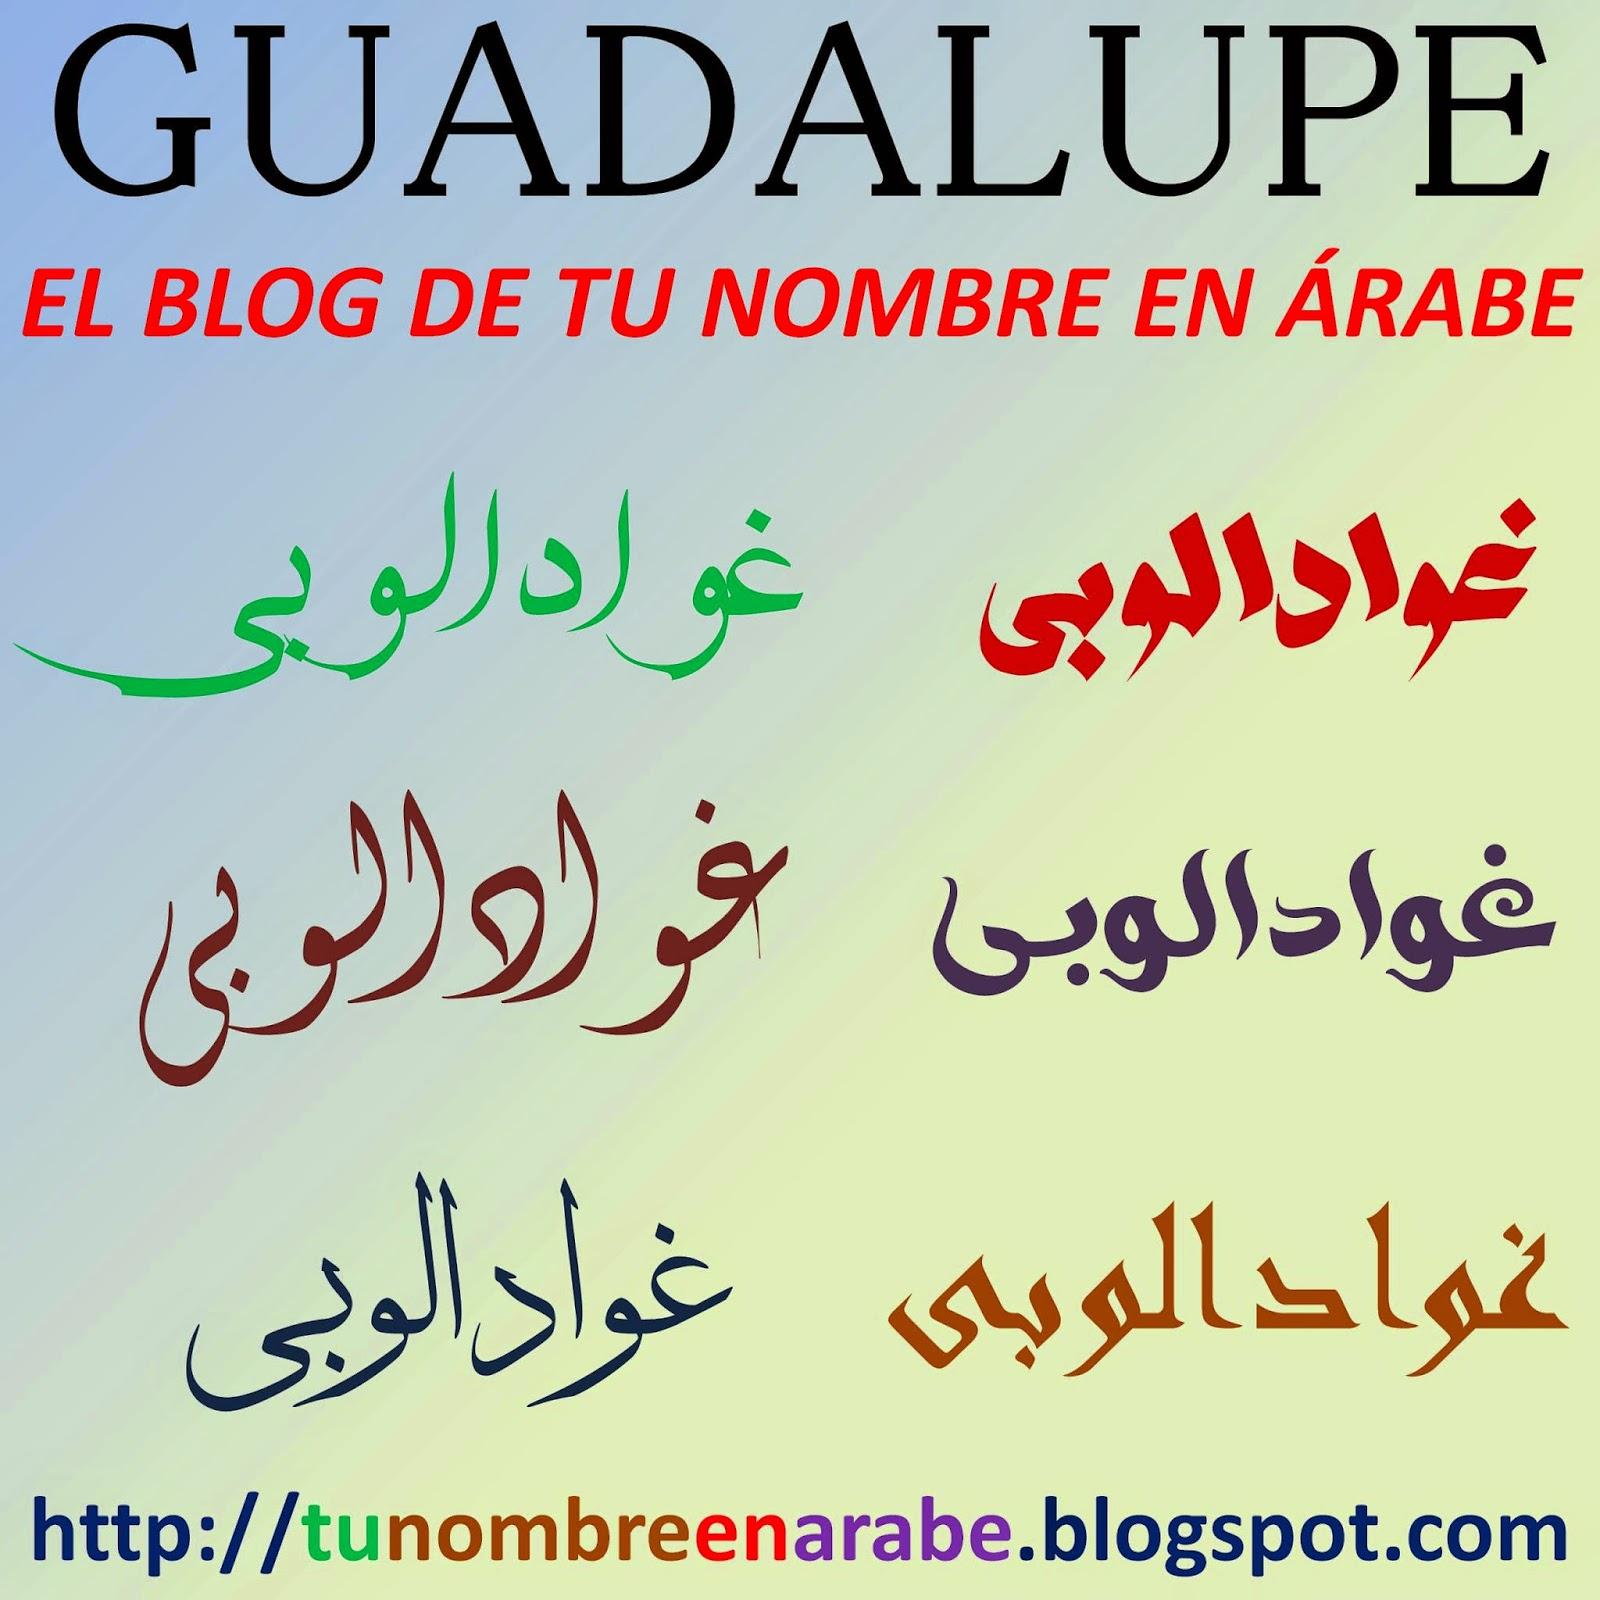 Escribir nombre Guadalupe en letras arabes